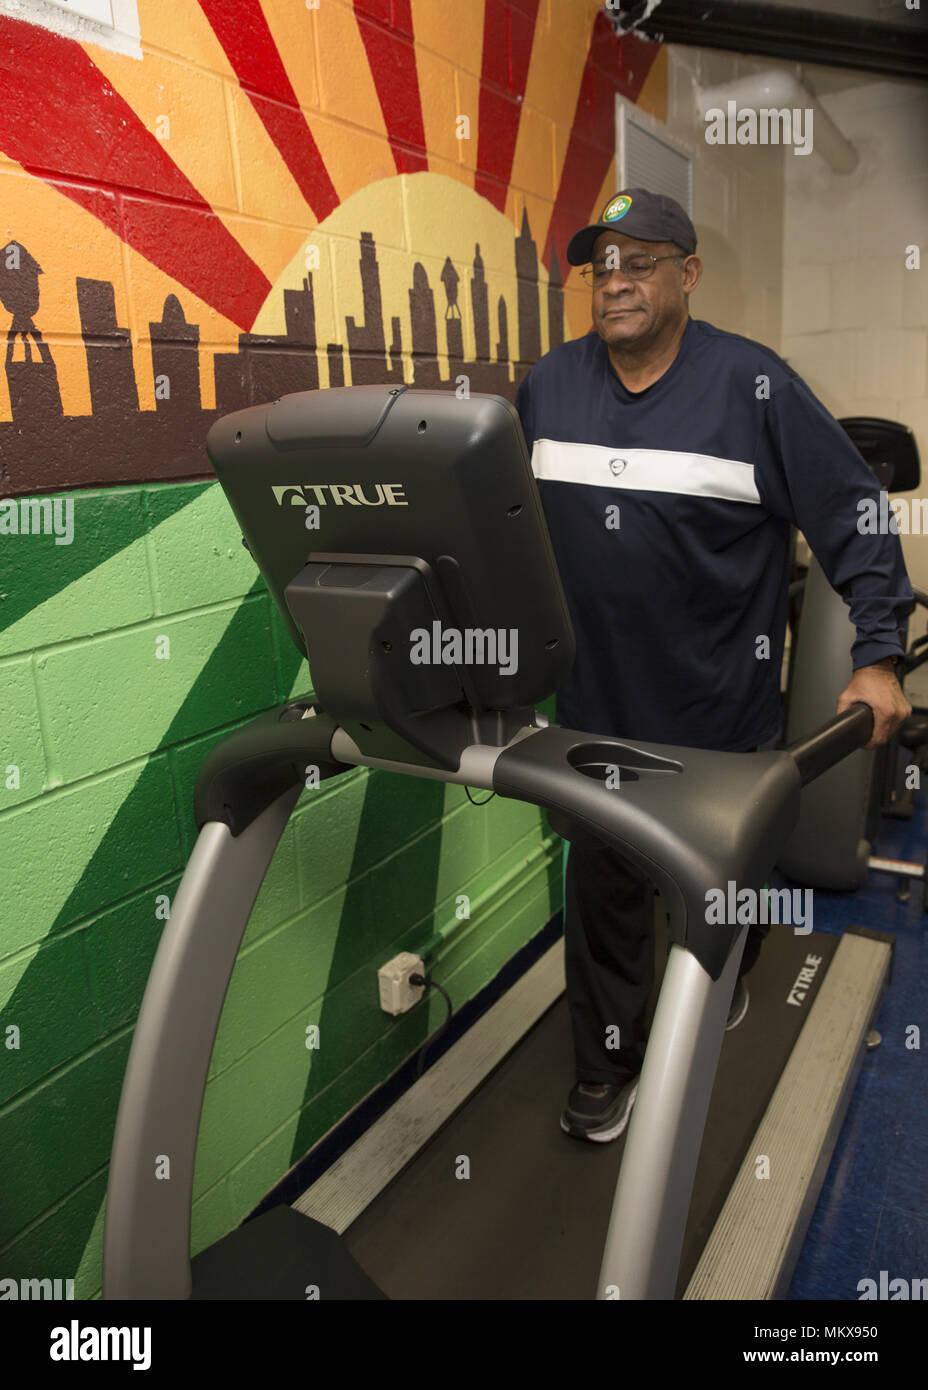 Les hommes de se tenir en forme, travaillant sur la machines d'exercice fournis à un centre principal régulateur sur Lower East Side, Manhattan, New York City. Photo Stock